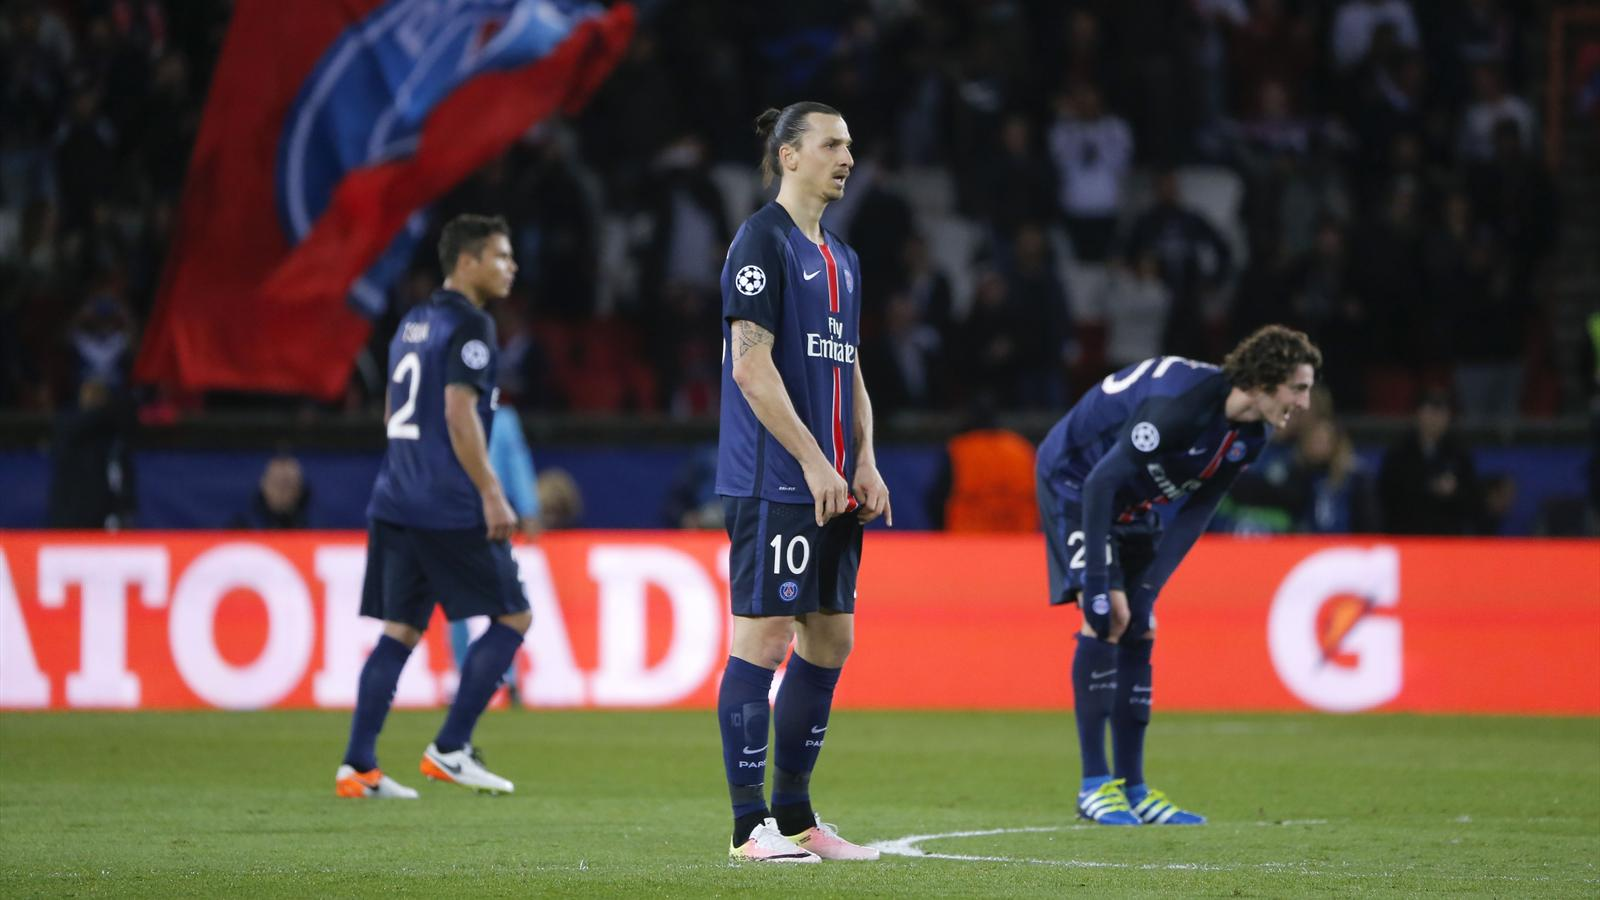 En direct live psg manchester city ligue des - Regarder la coupe d afrique en direct ...